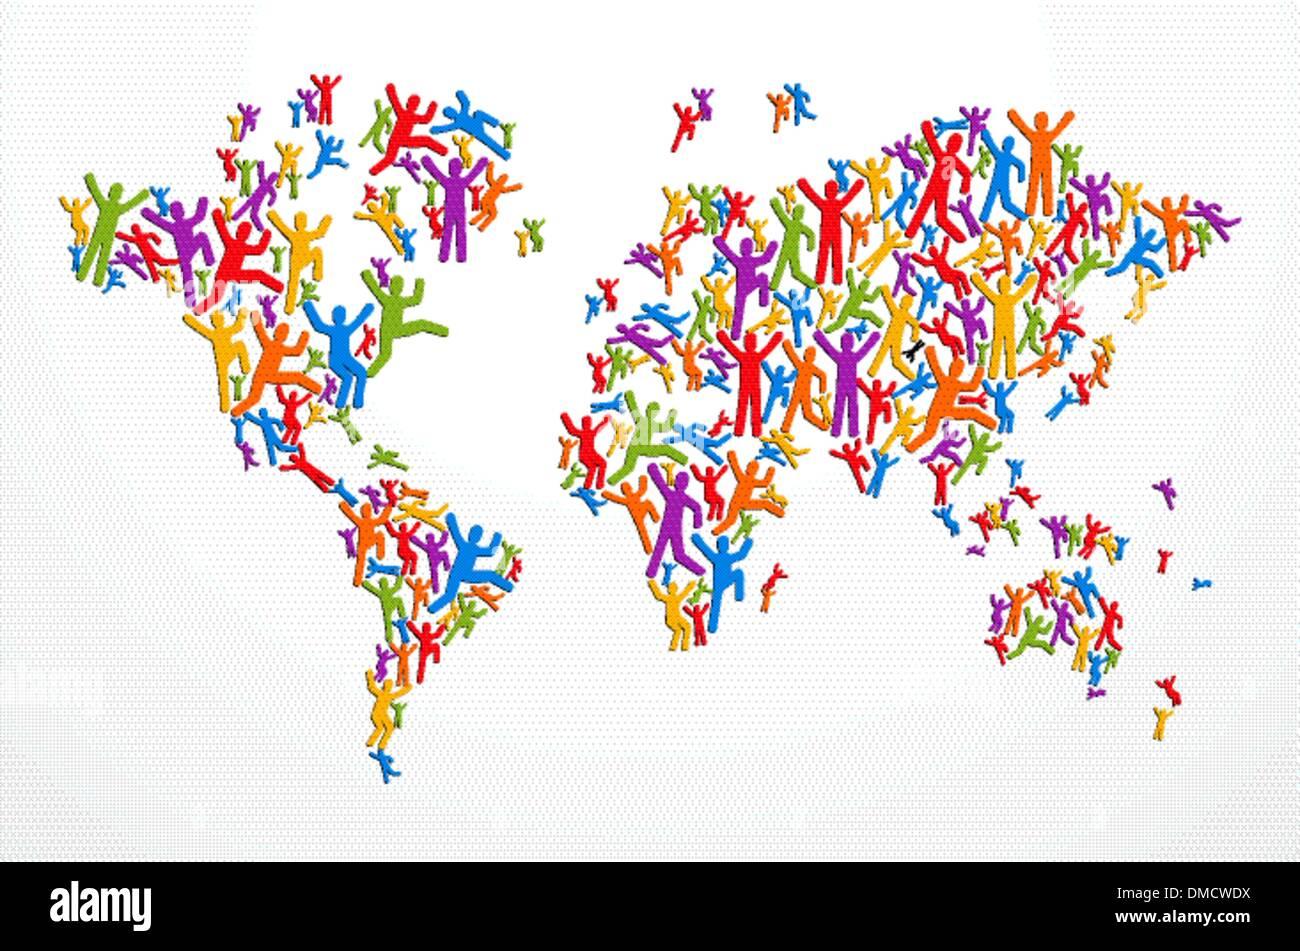 Persone Diverstiy concetto mappa del mondo Immagini Stock